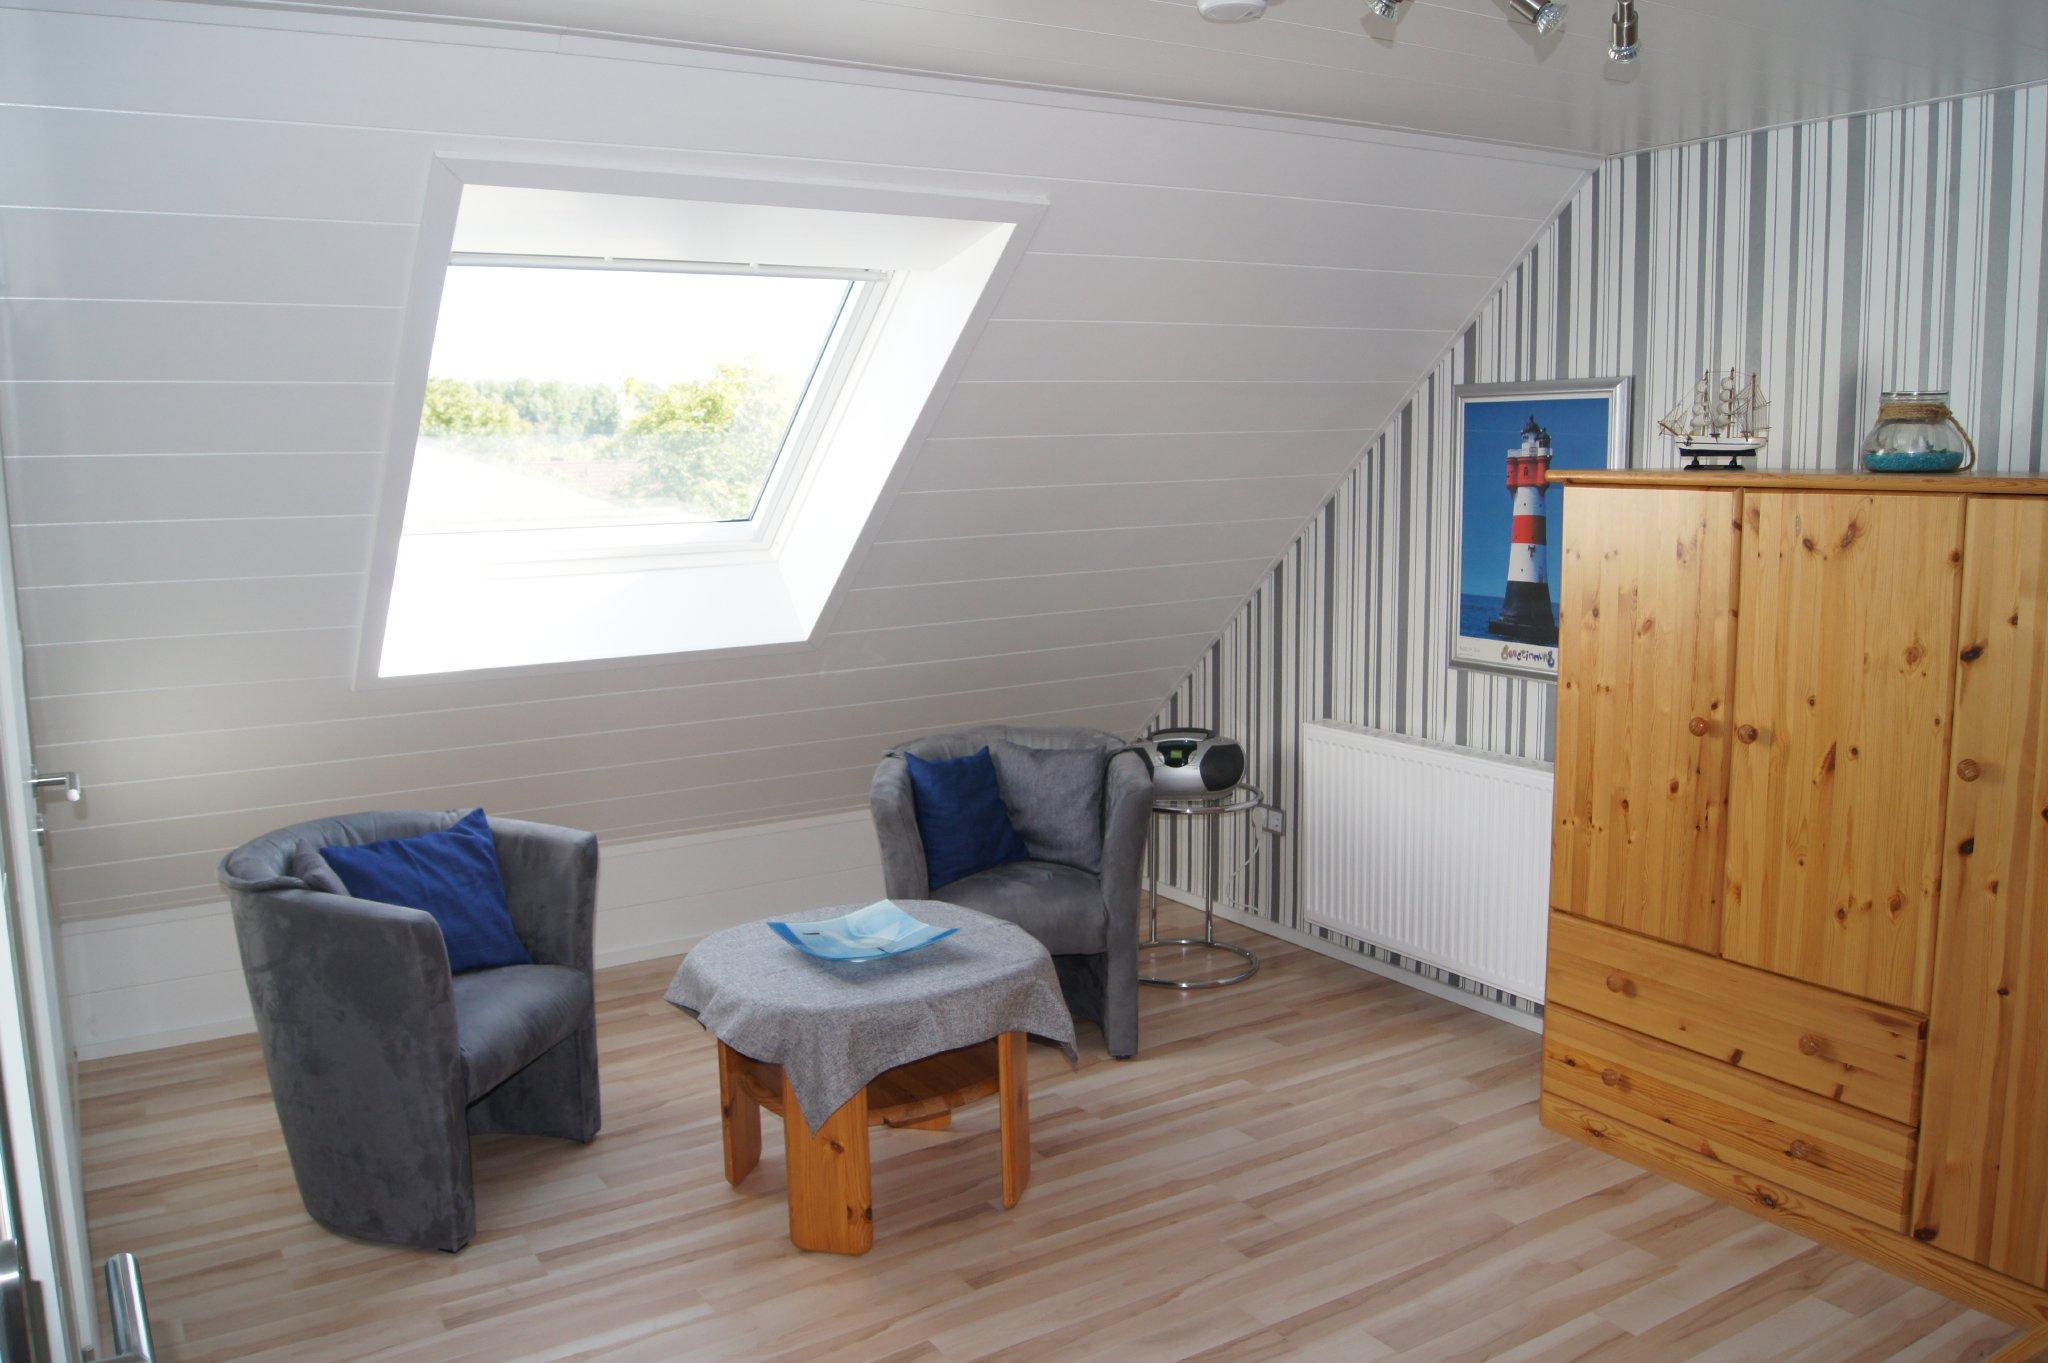 Dachbodenzimmer mit Sitzecke